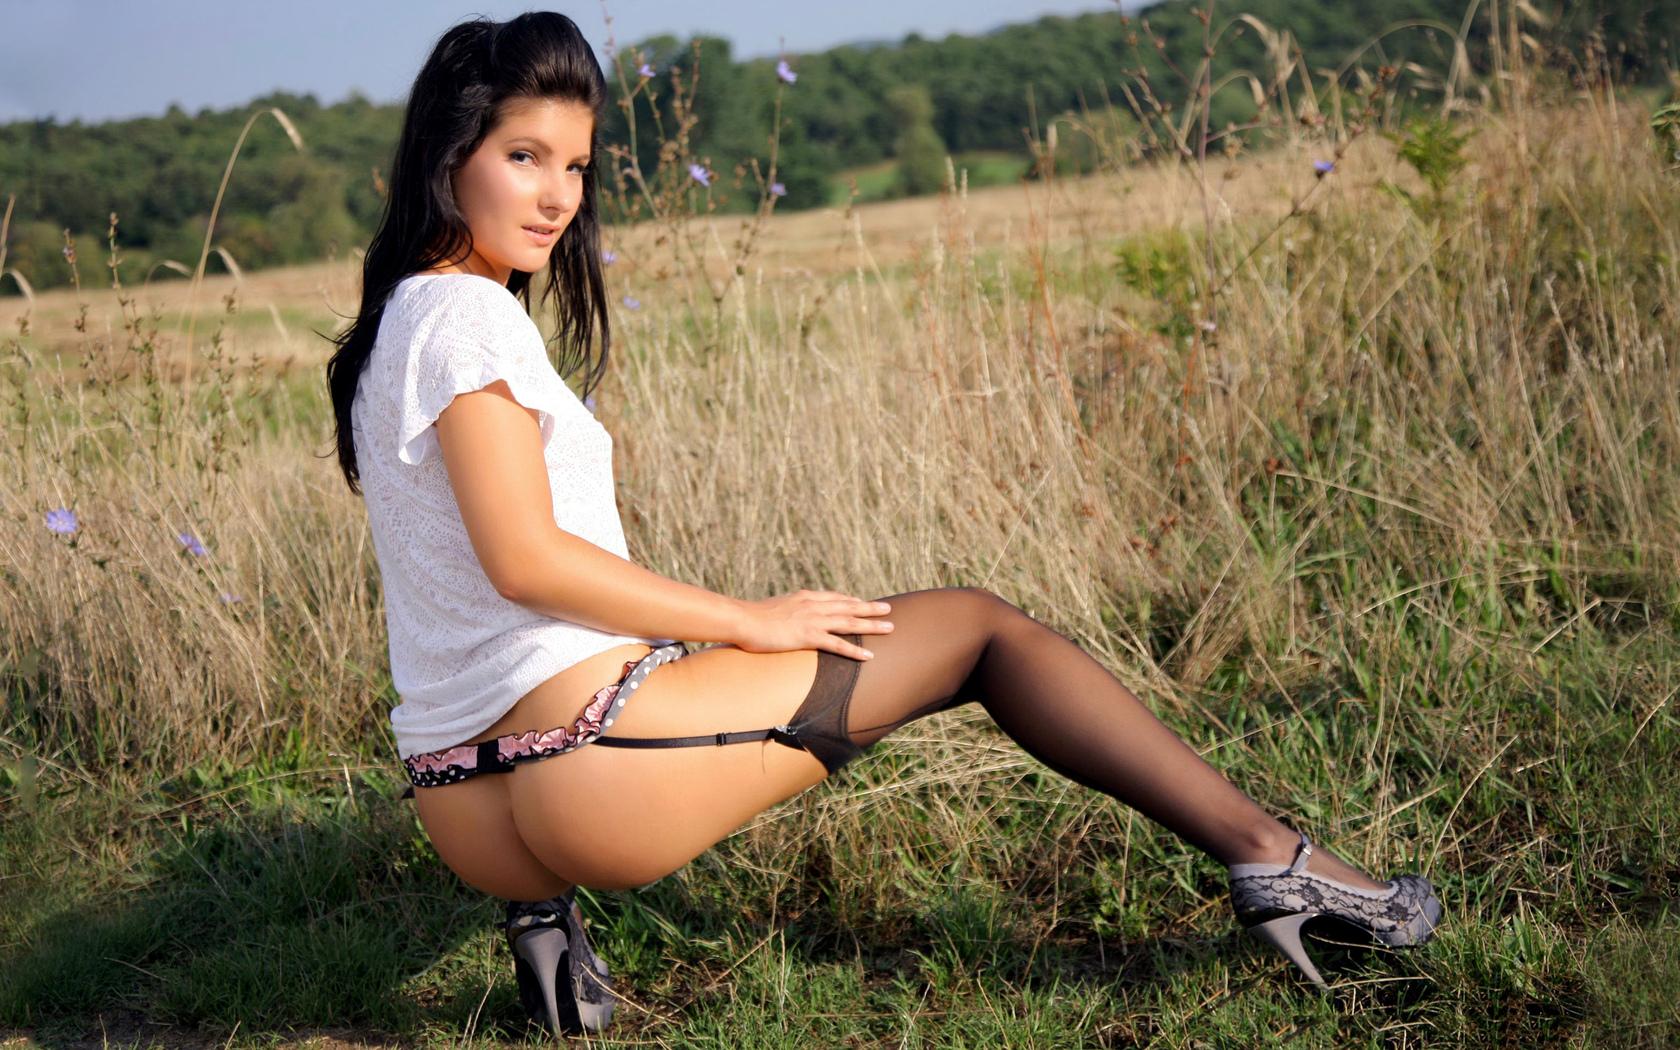 в поле, девушка, чулки, без трусиков, поза, лицо